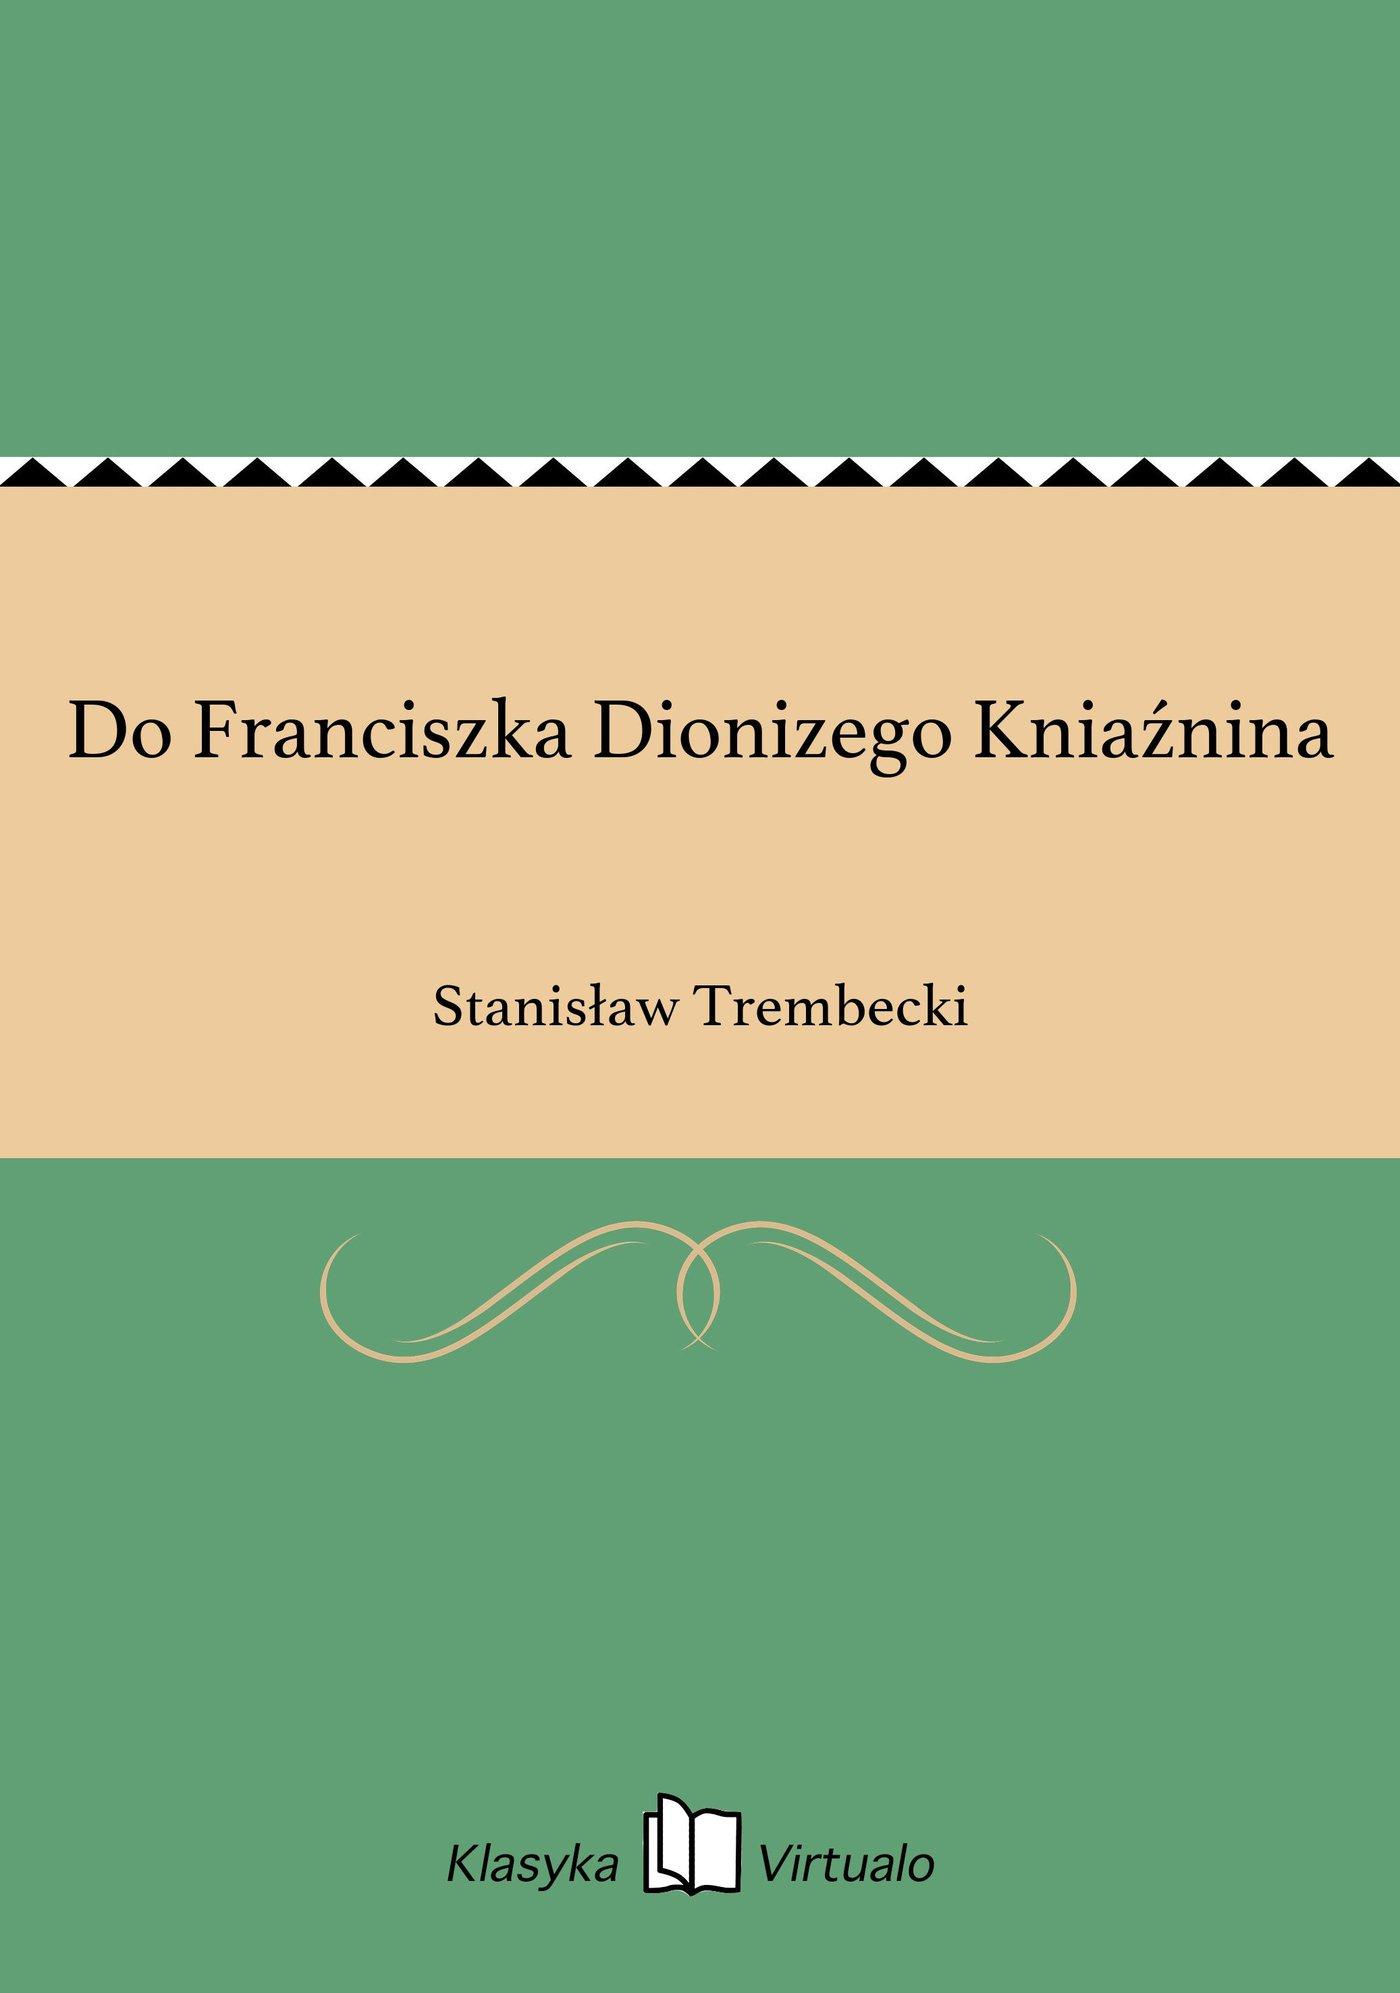 Do Franciszka Dionizego Kniaźnina - Ebook (Książka EPUB) do pobrania w formacie EPUB